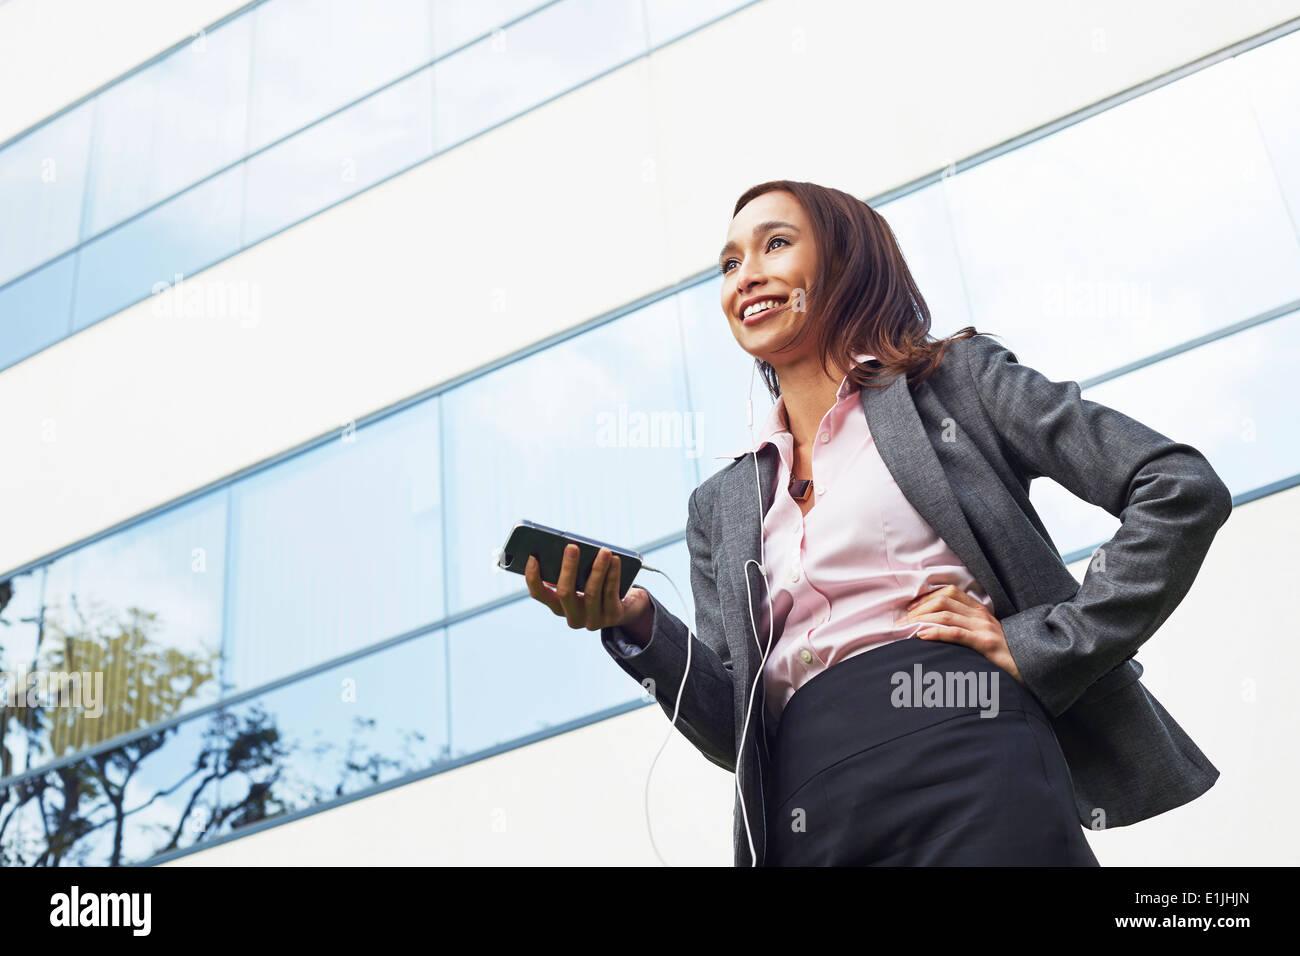 Junge weibliche Unternehmerin mit Smartphone außerhalb Büro Stockfoto